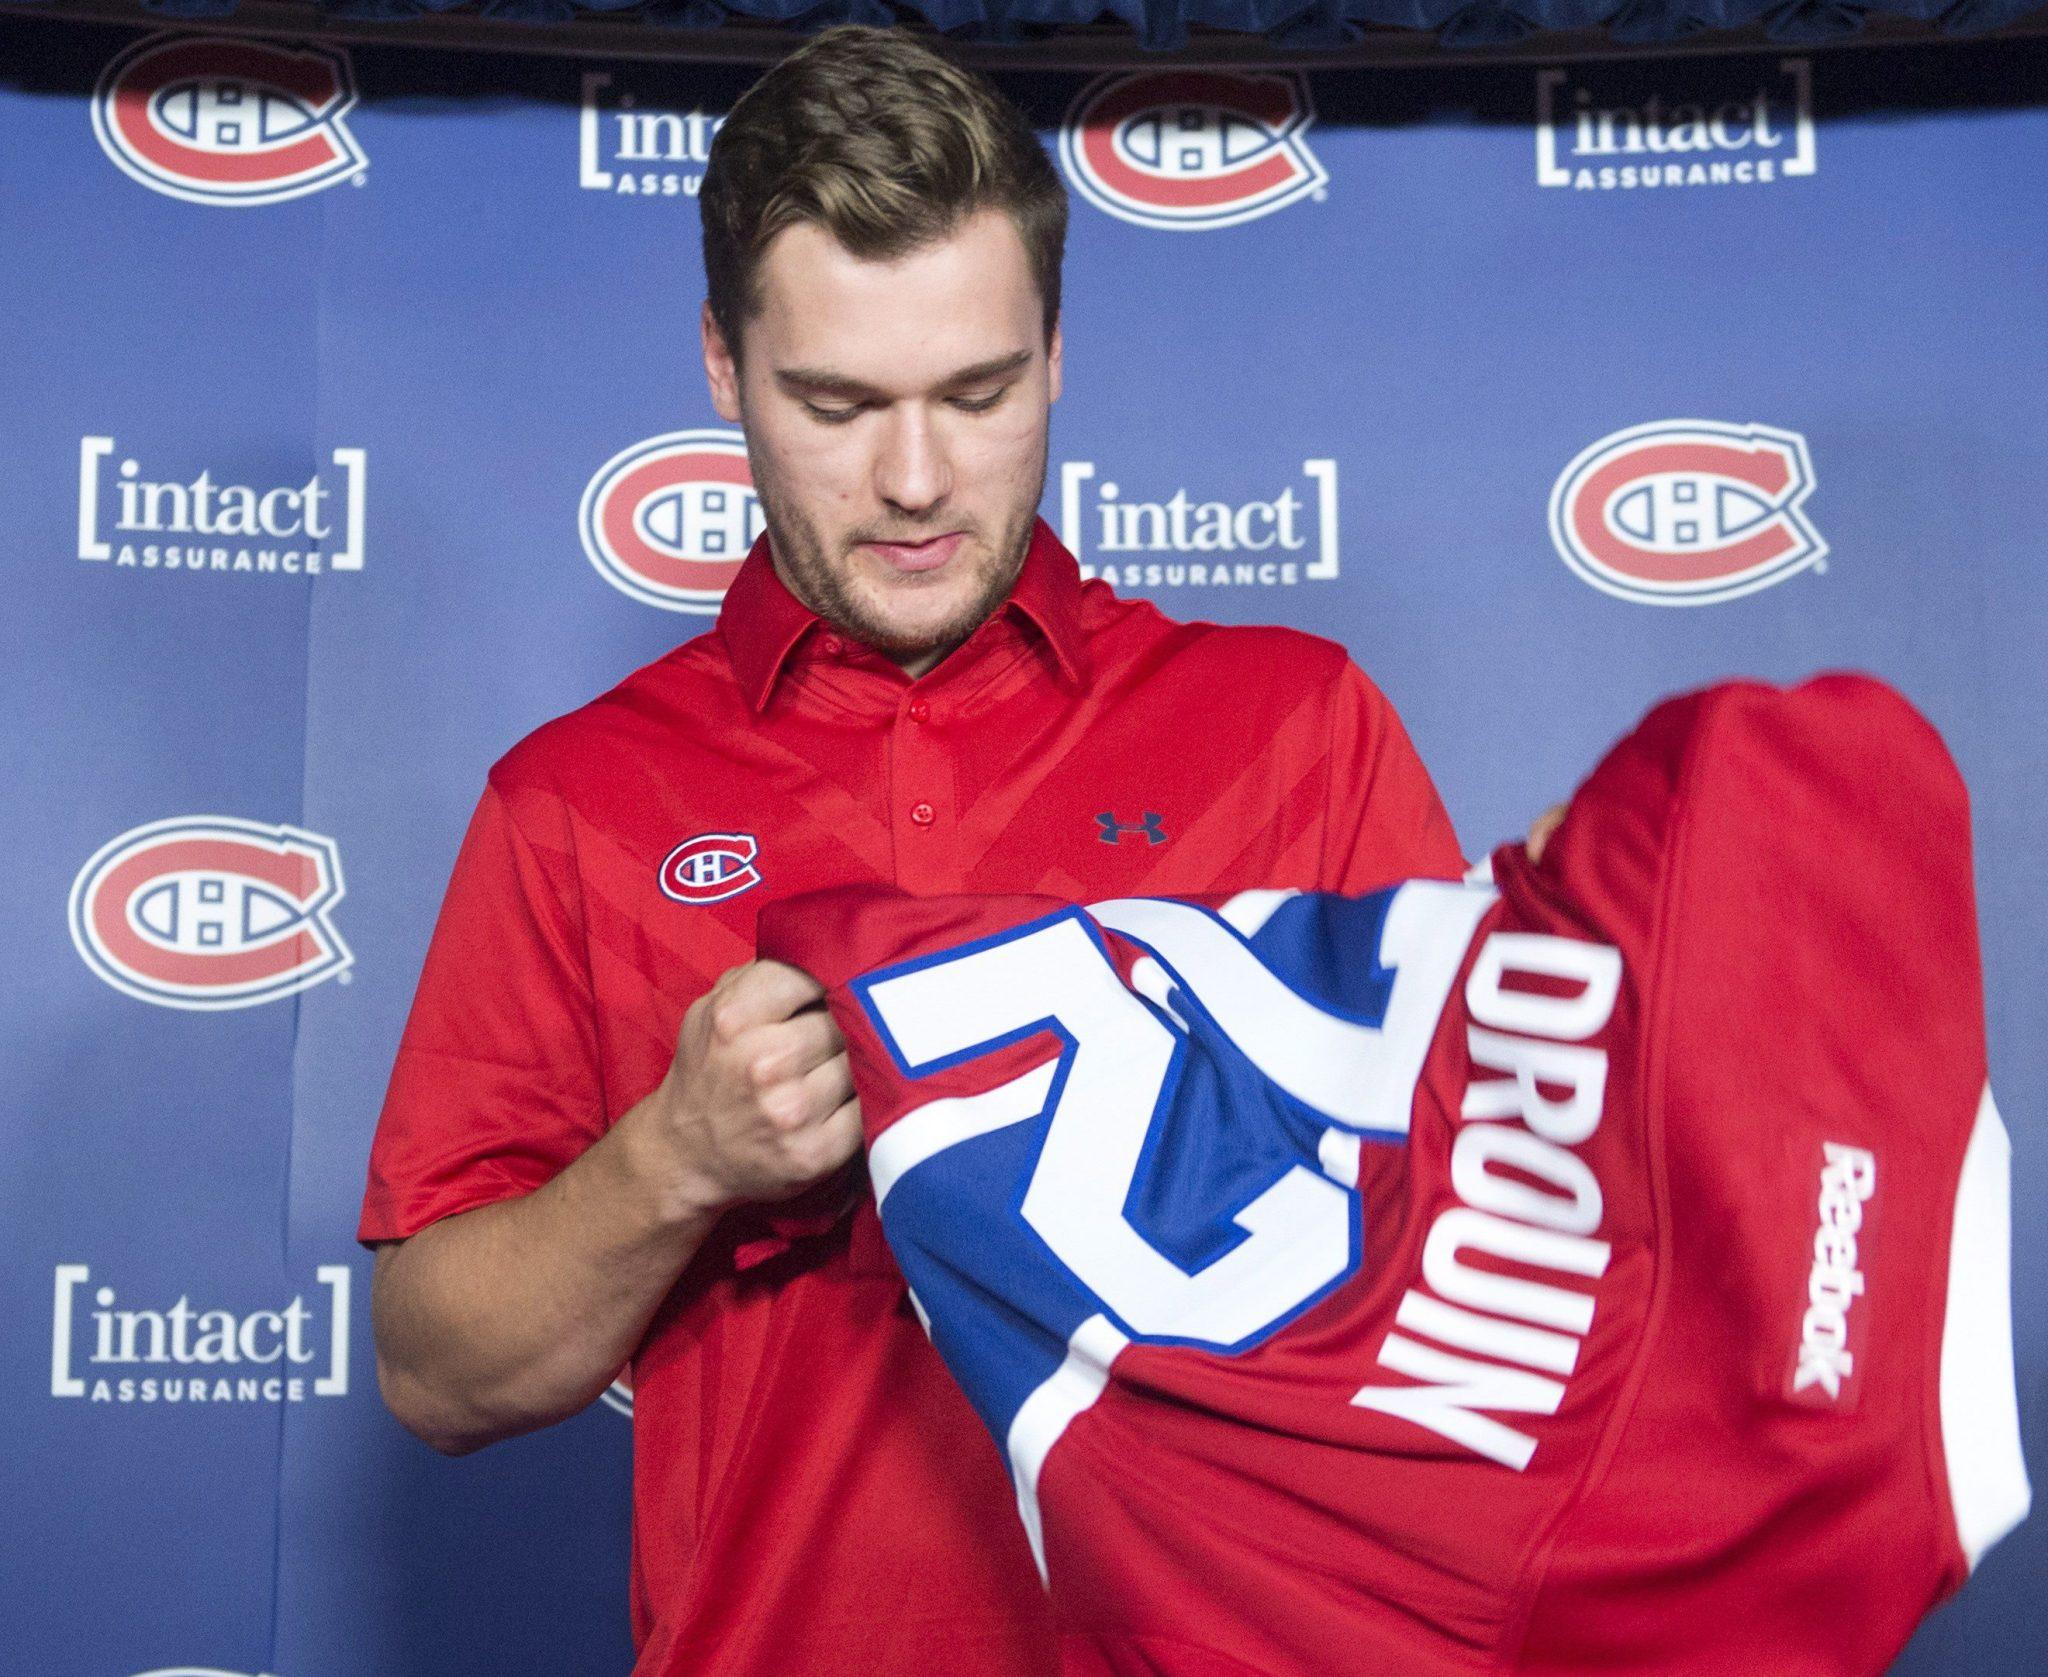 Le Canadien Fait L Acquisition De Jonathan Drouin Du Lightning Ajout